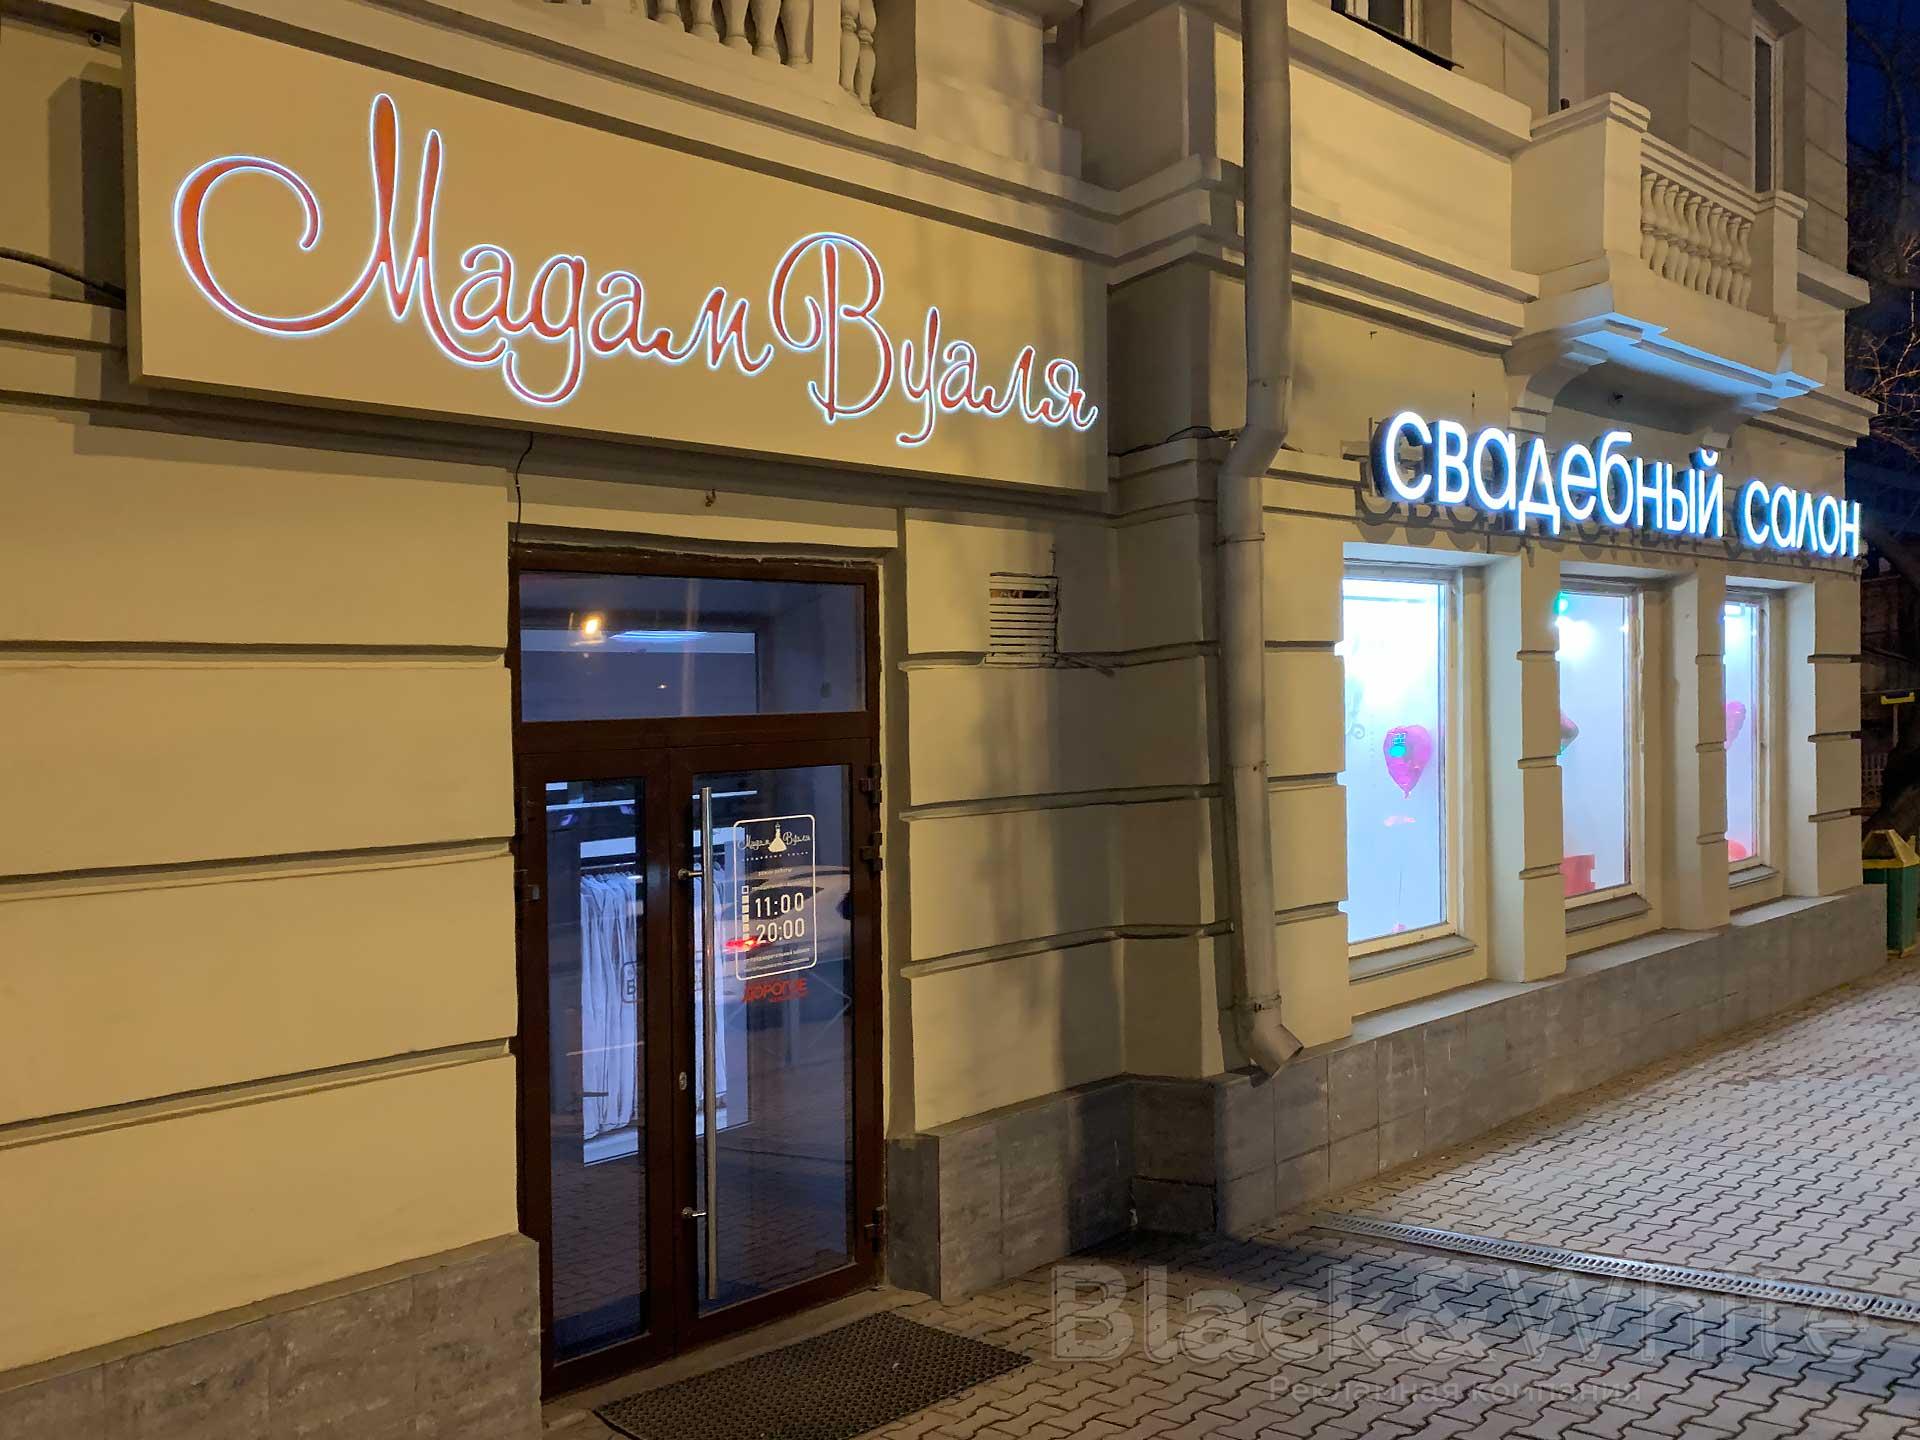 Вывеска-для-свадебного-салона-в-Красноярске-объёмные-световые-буквы-и-Композитный-короб-с-инкрустацией.jpg